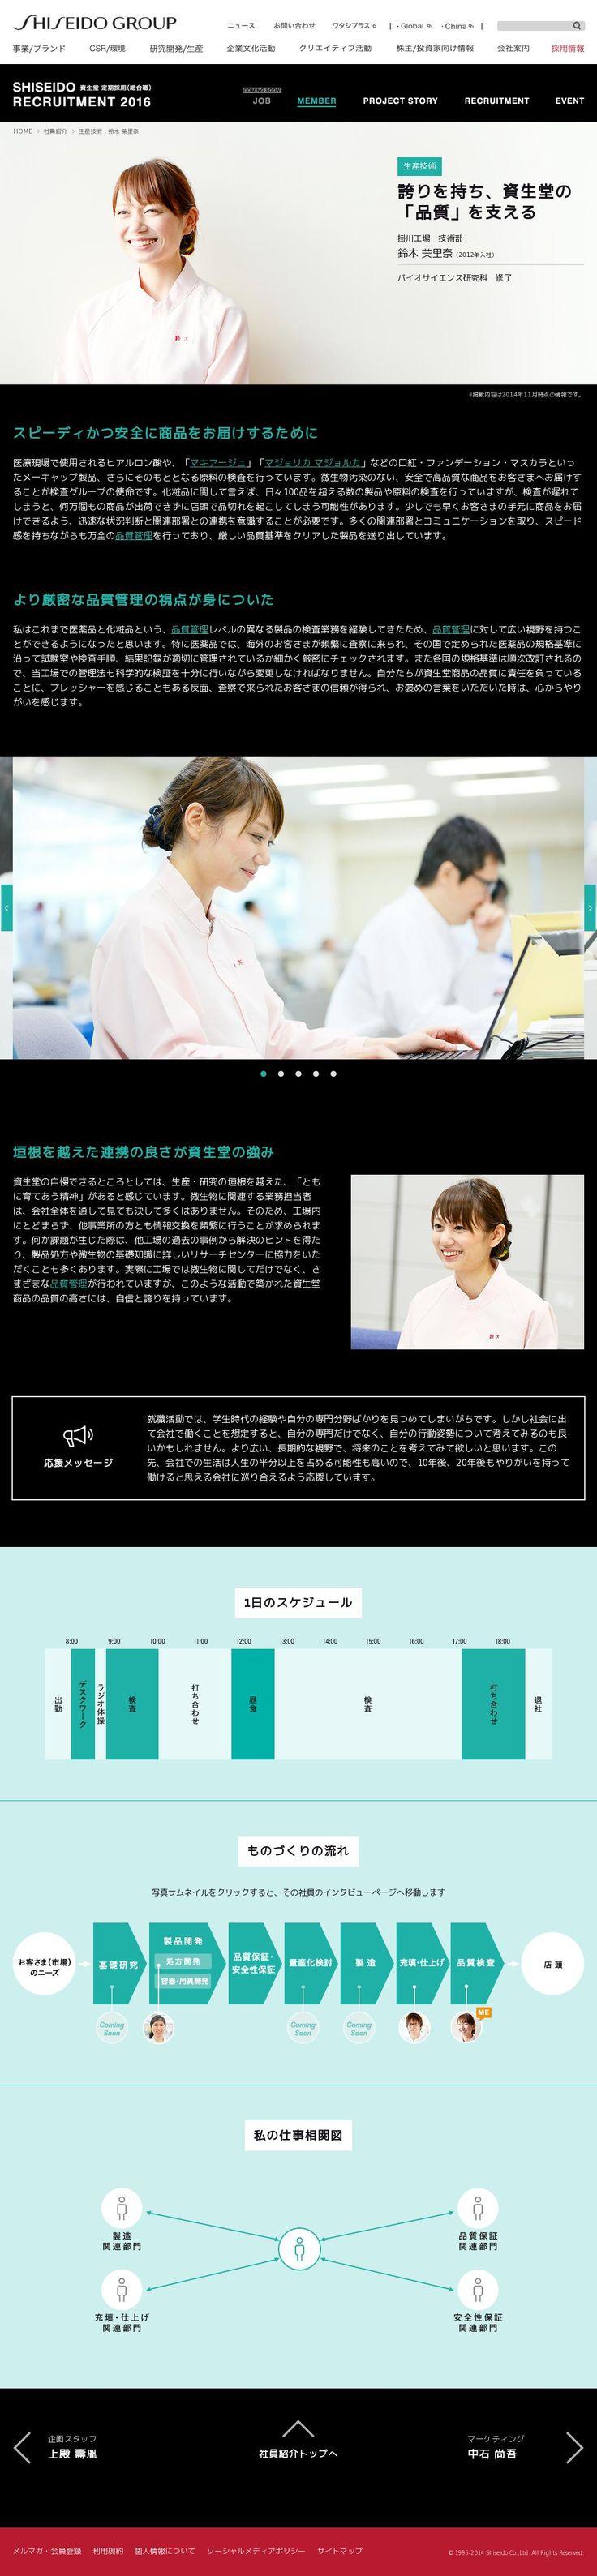 http://www.shiseidogroup.jp/teiki/member/04.html